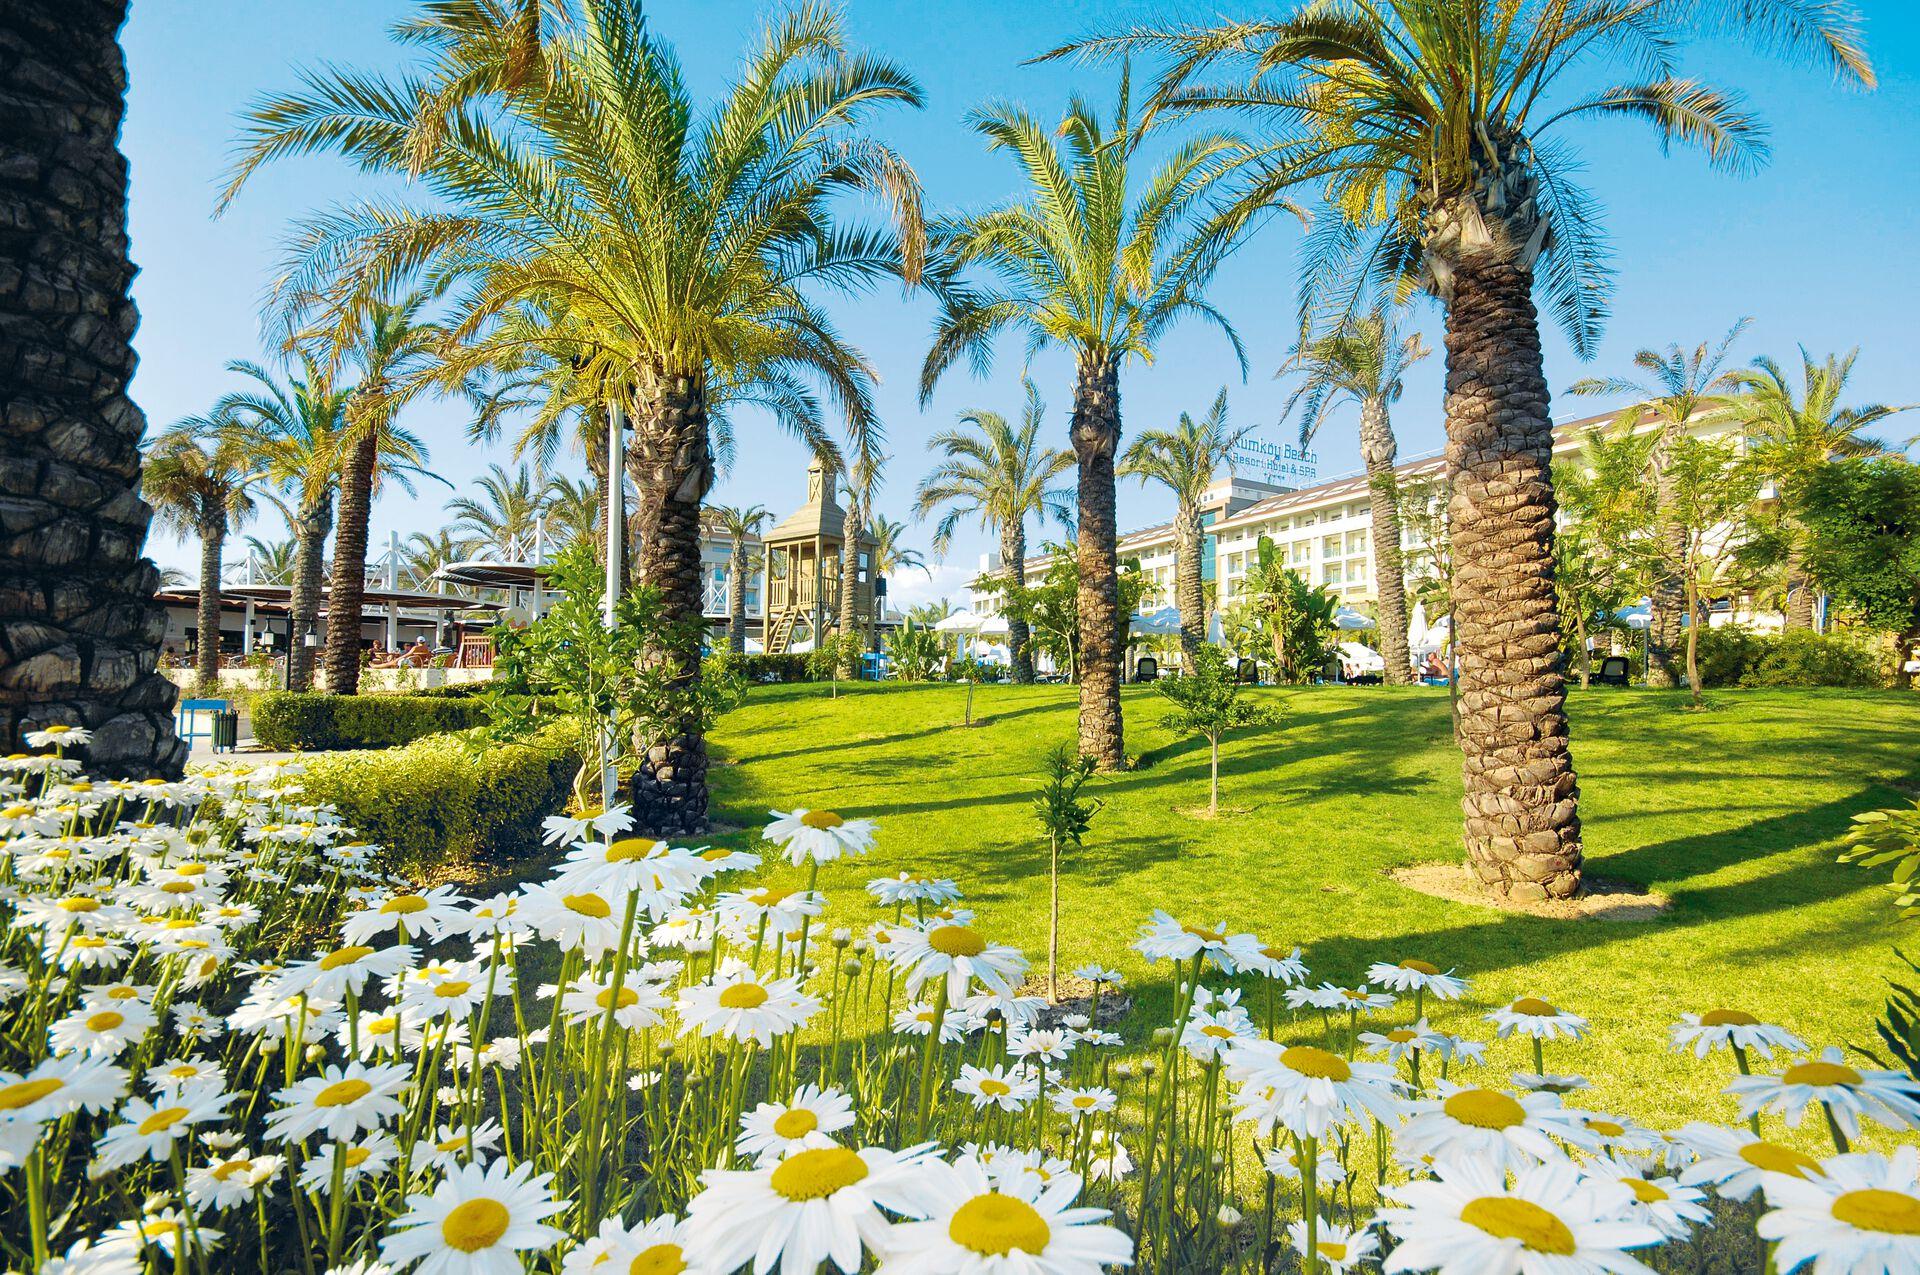 Turquie - Side - Hôtel Sunis Kumköy Beach Resort & Spa 5*